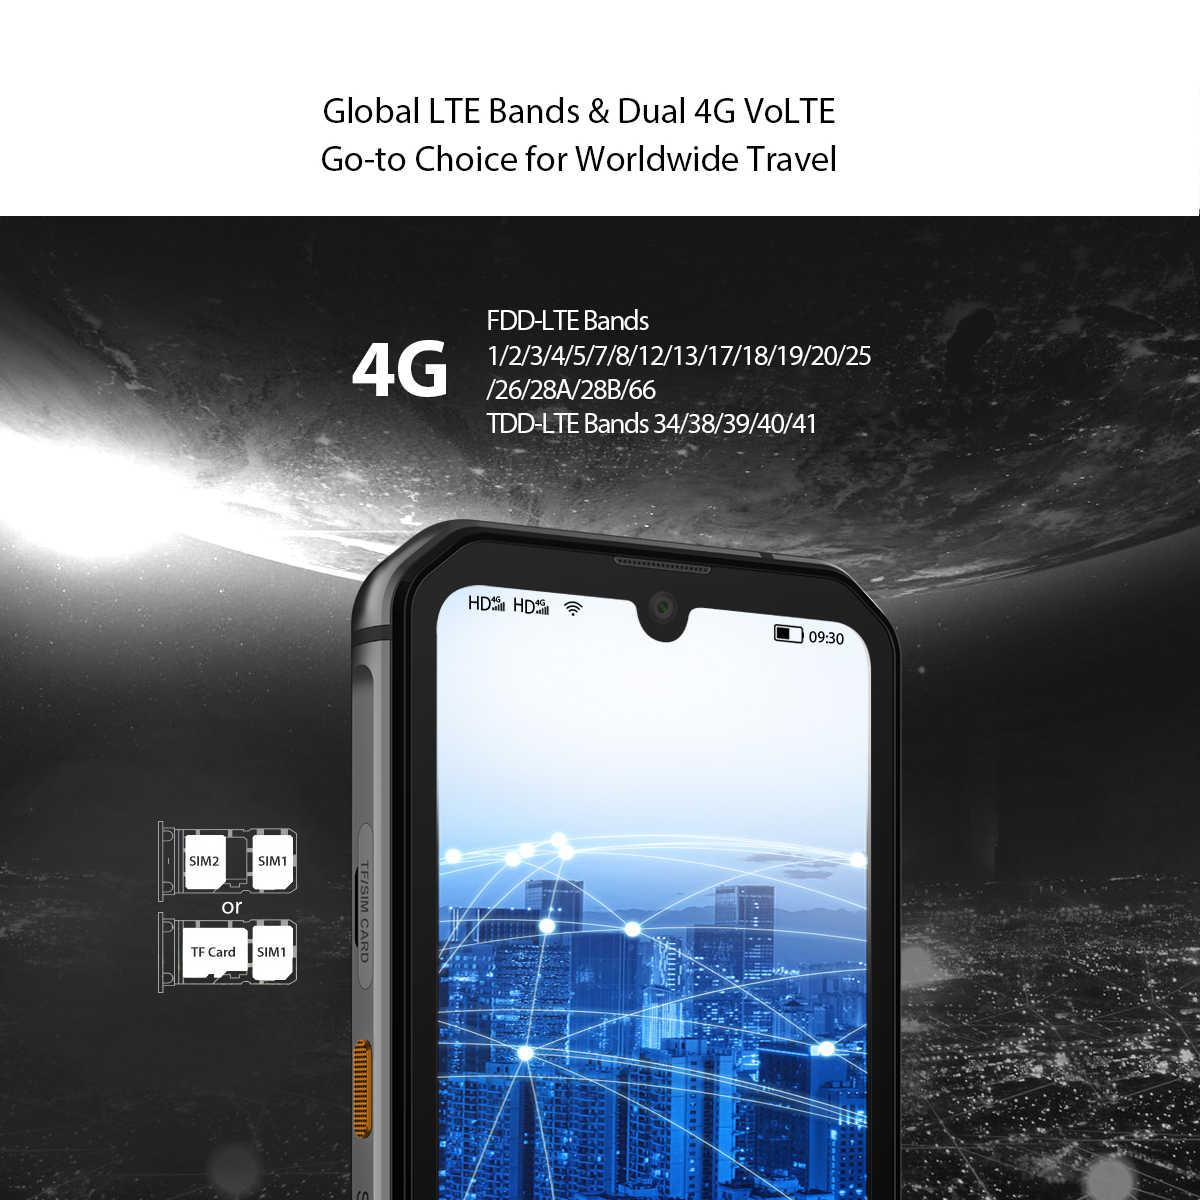 Blackview BV9900 Pro Telefono Mobile Della Macchina Fotografica Termica Helio P90 Octa Core 8GB + 128GB IP68 Rugged Smartphone 48MP quad Telecamera Posteriore